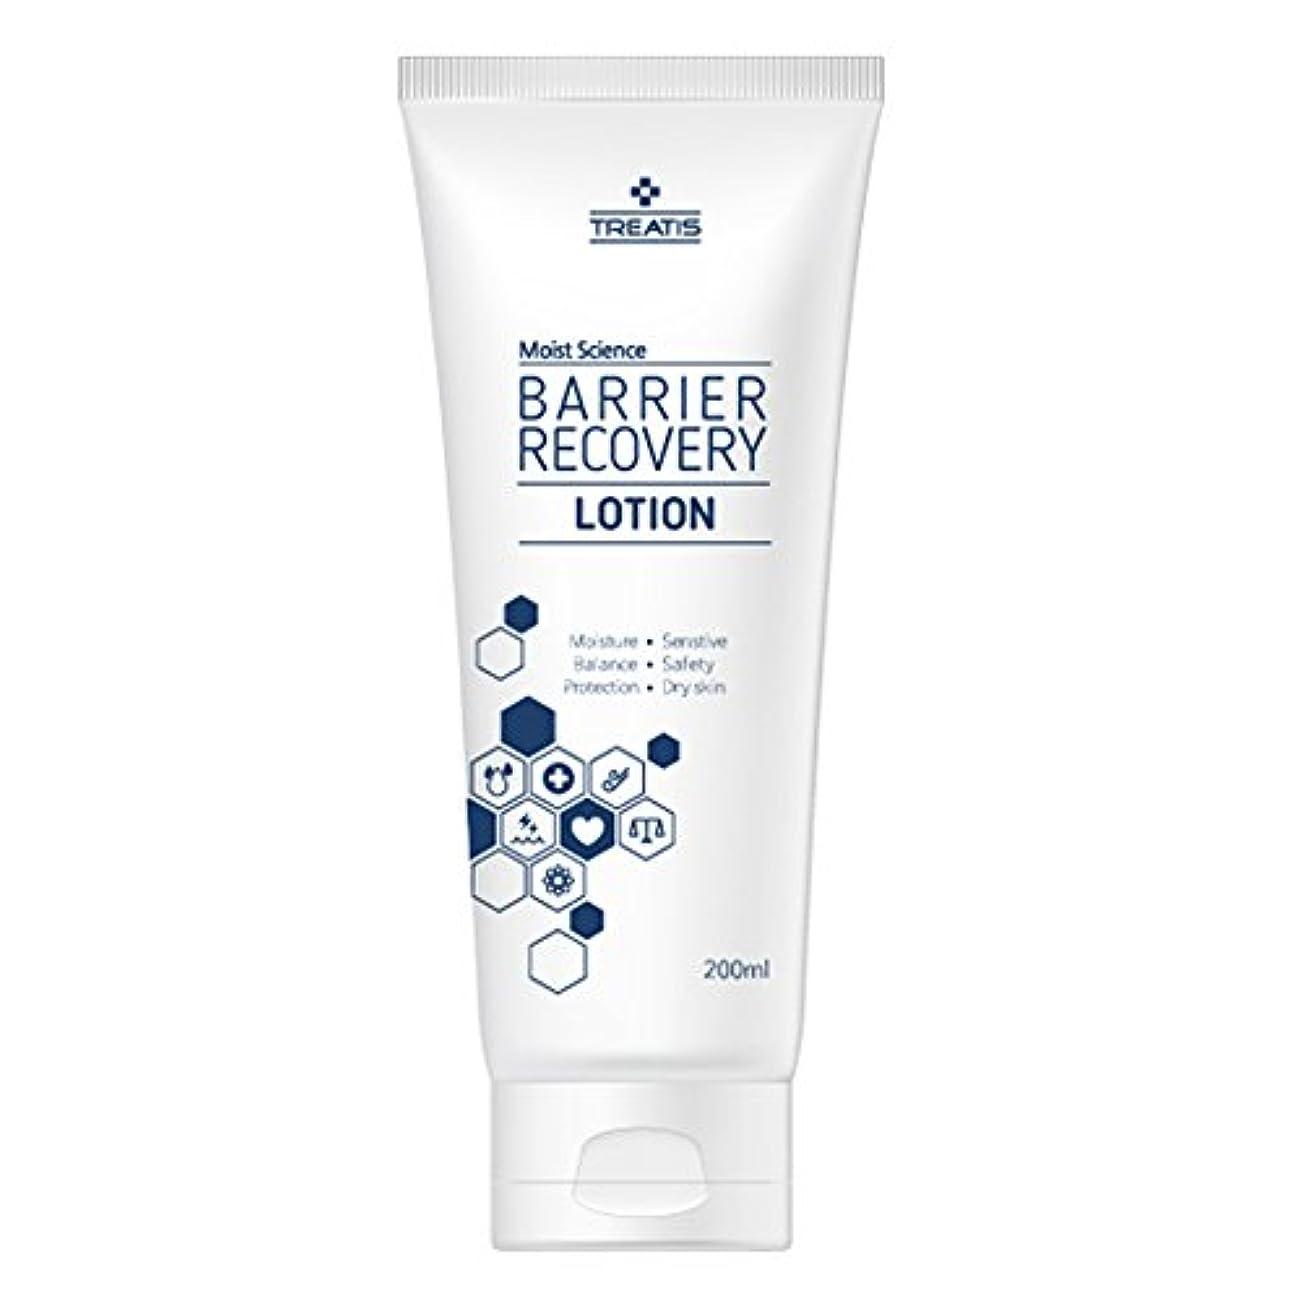 避難するだろう入力Treatis barrier recovery lotion 7oz (200ml)/Moisture, Senstive, Balance, Safty, Protection, Dry skin [並行輸入品]